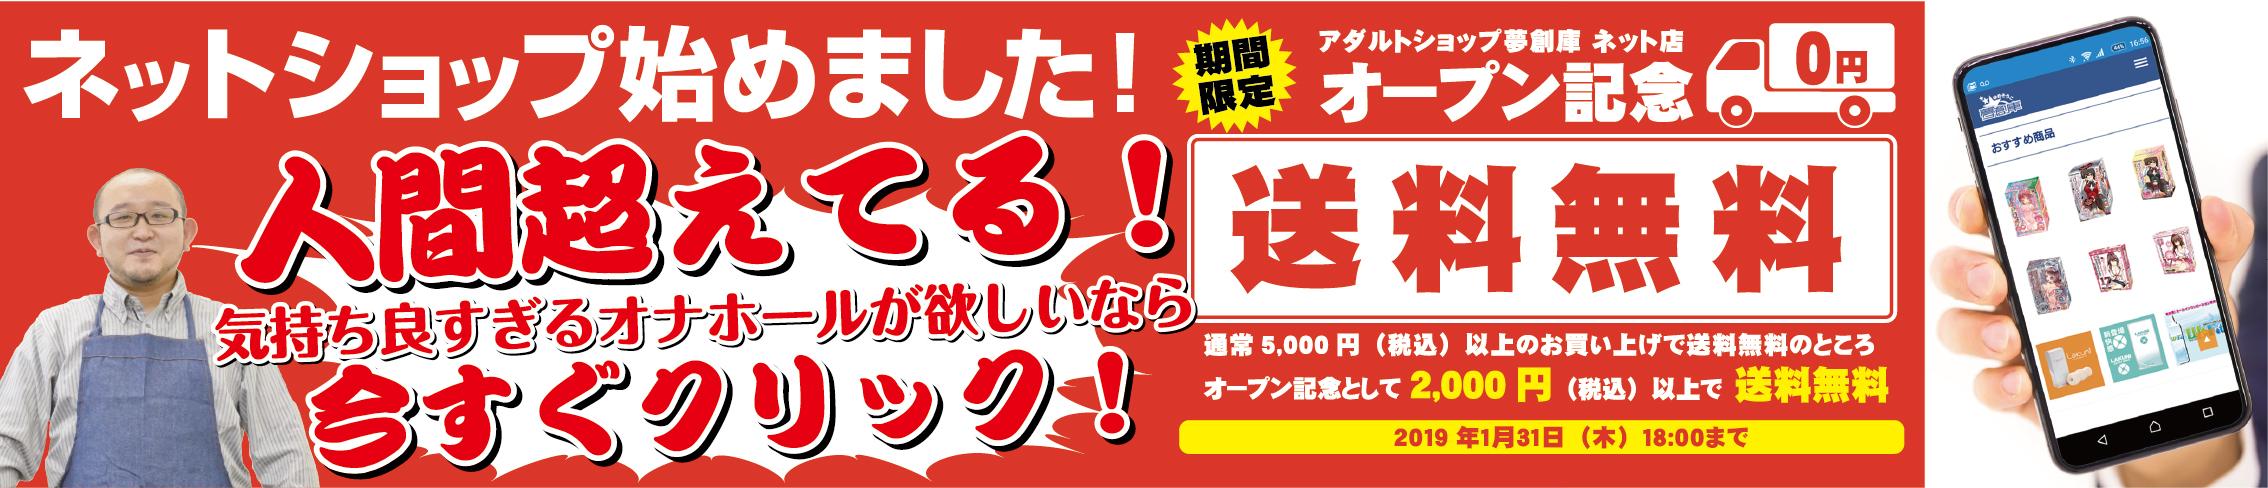 大阪で大人のおもちゃ・大人の玩具・アダルトグッズの夢創庫のオナホレビュー